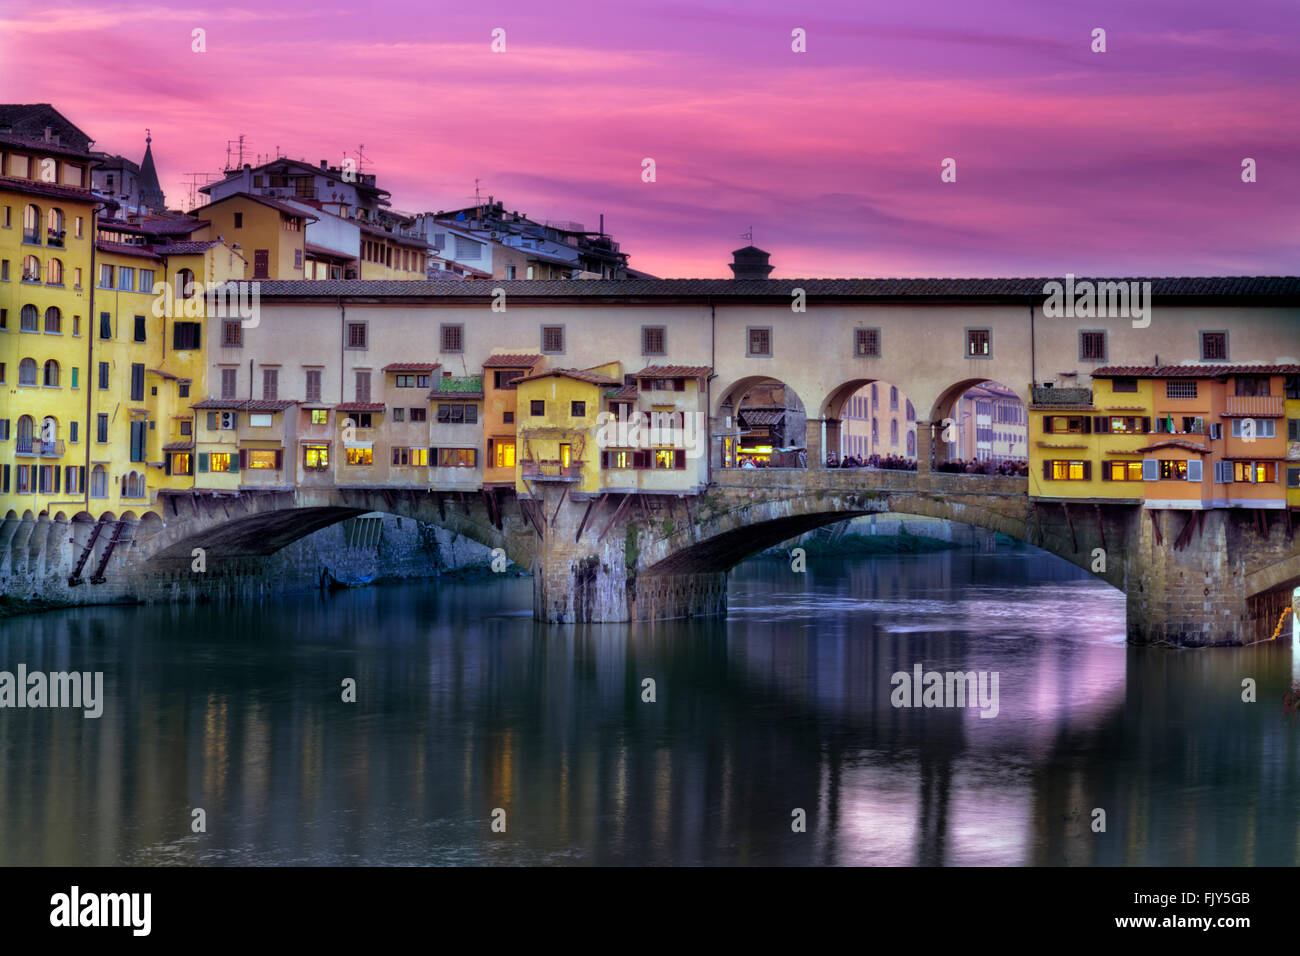 Belles couleurs du crépuscule et spéciaux dans le Ponte Vecchio. Florence, Italie. Photo Stock